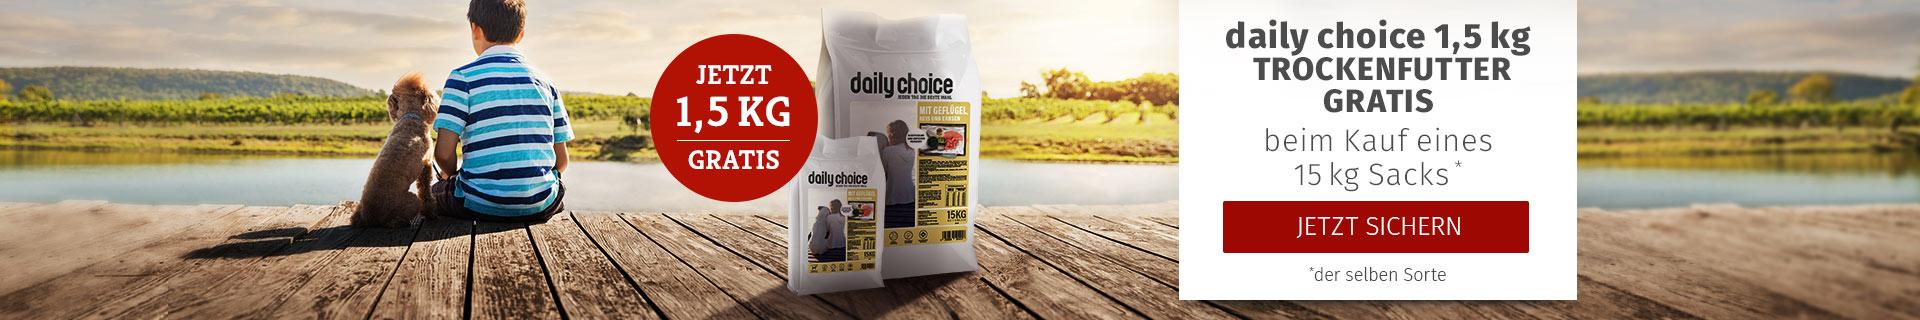 daily choice Trockenfutter Aktion - 15kg Sack kaufen & 1,5kg derselben Sorte gratis erhalten